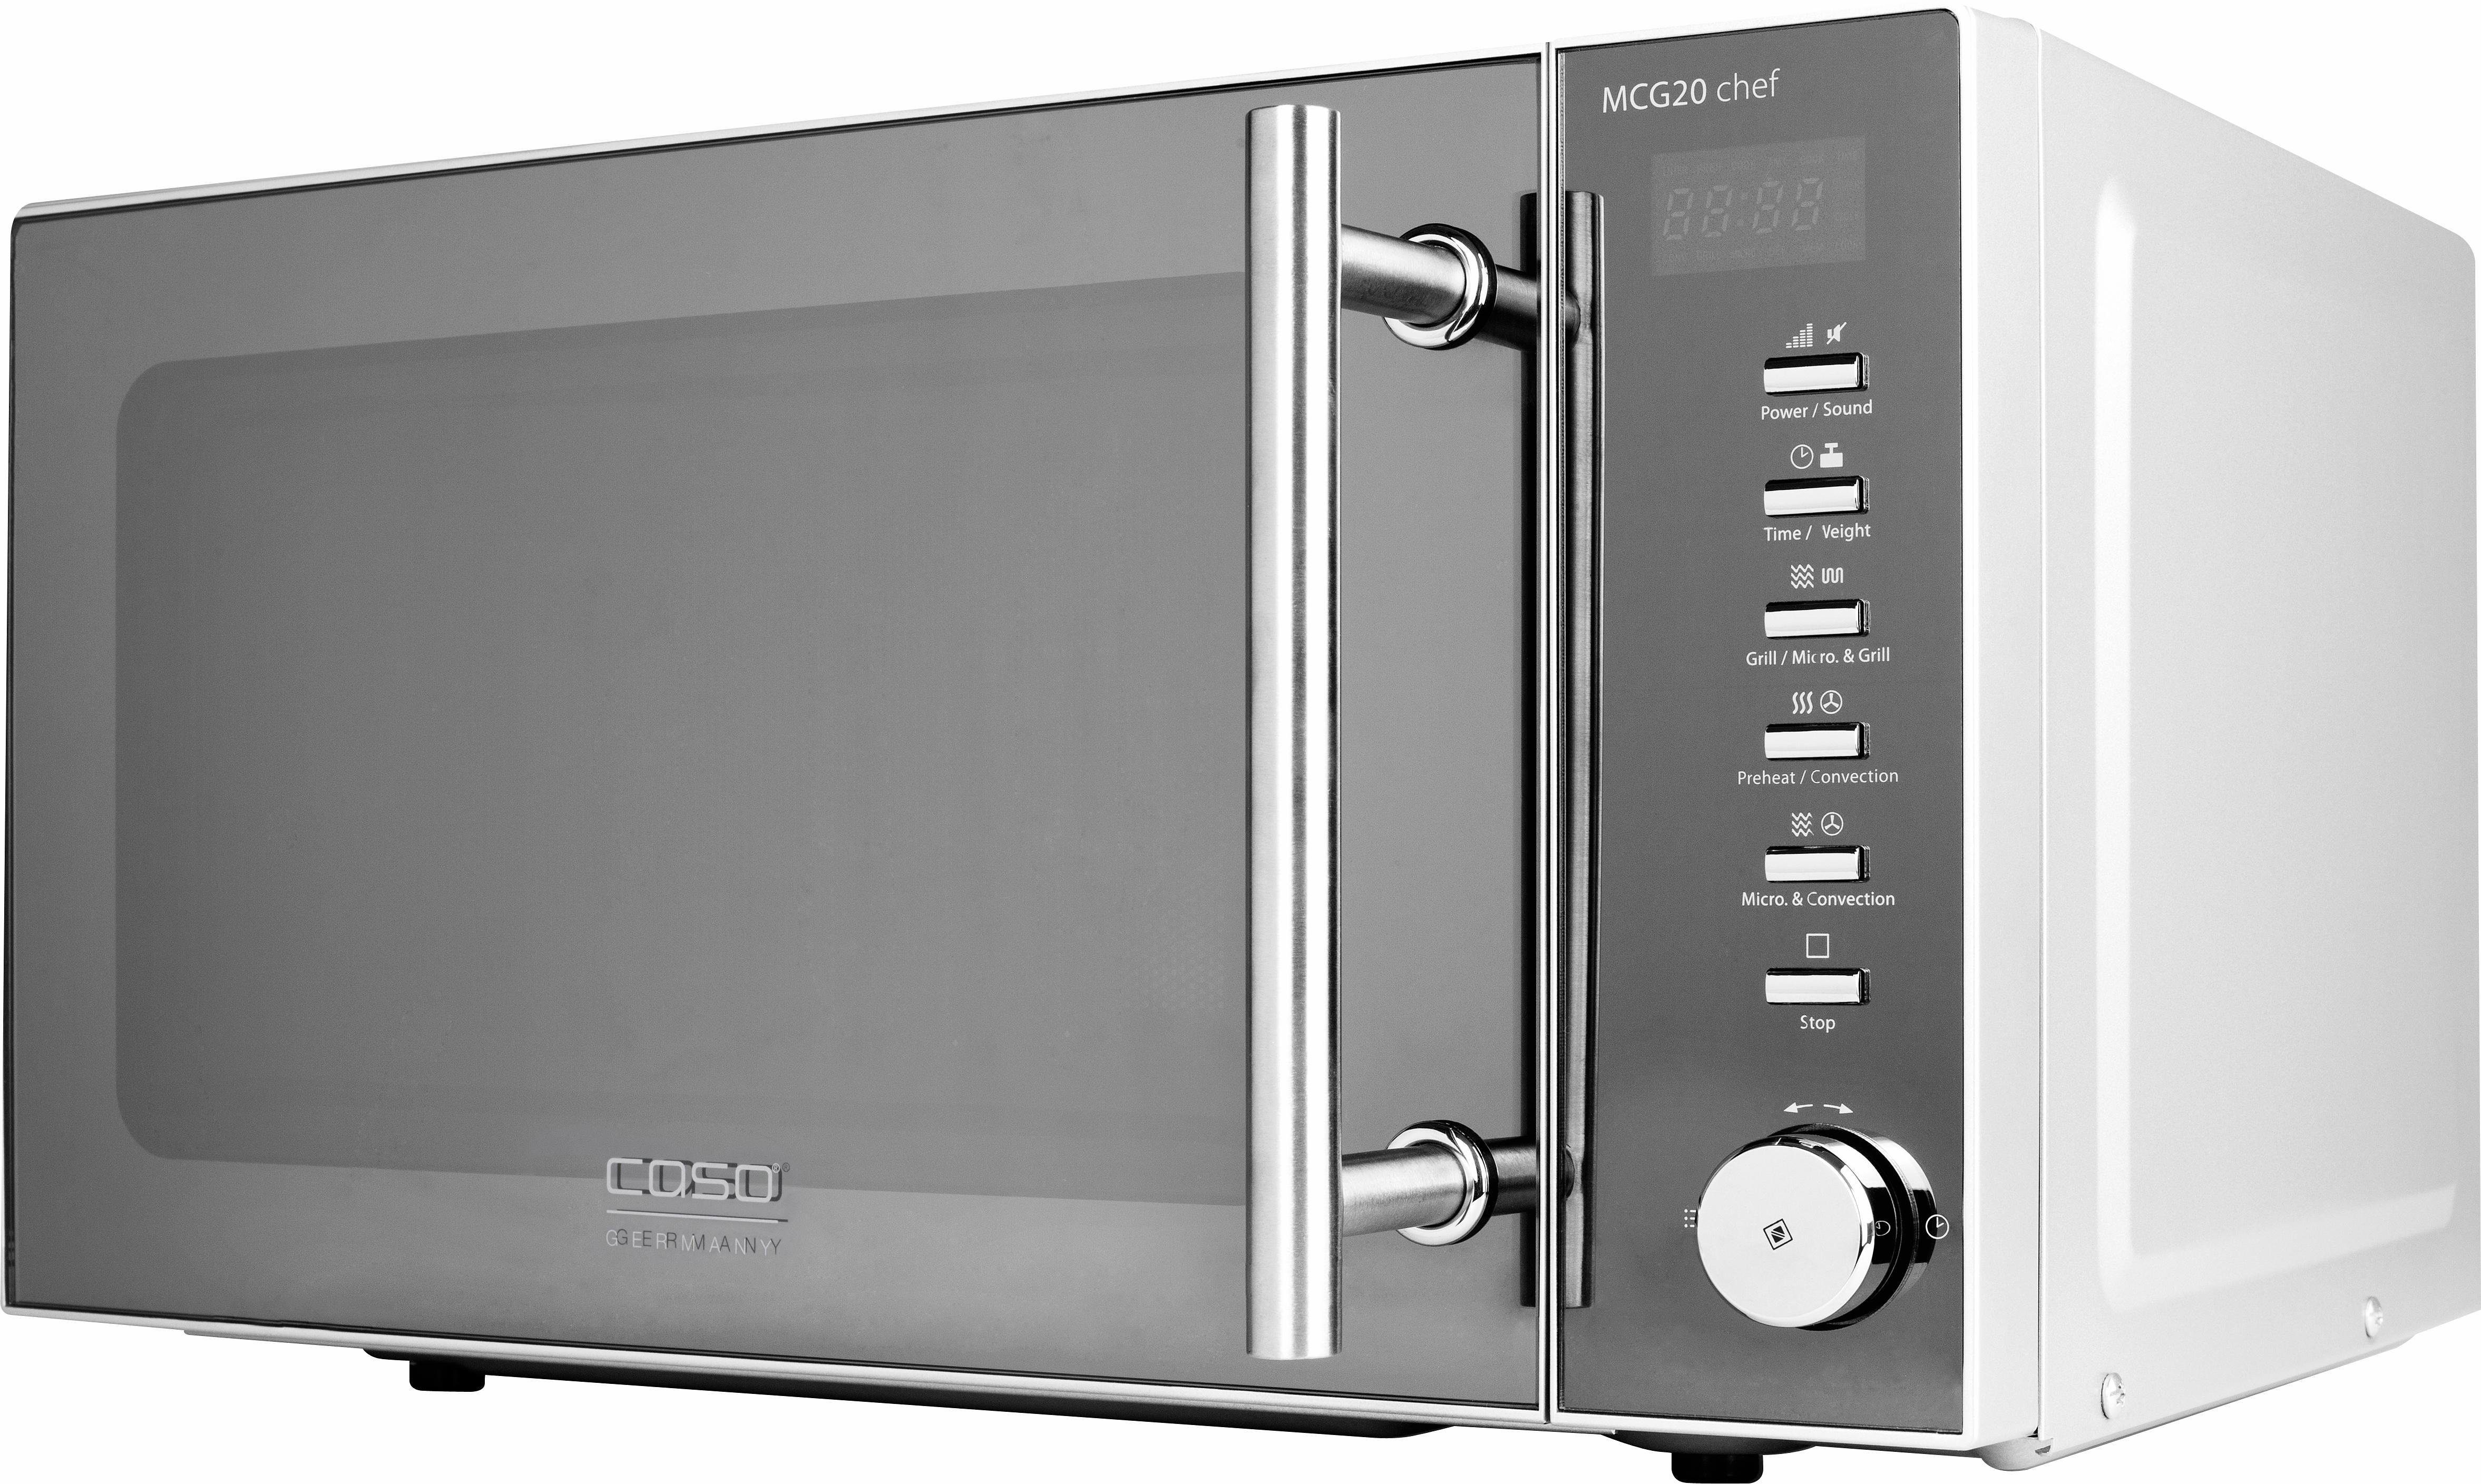 CASO Design Mikrowelle CASO MCG20 chef Design, mit Grill und Heißluft, 20 Liter Garraum, 800 Watt